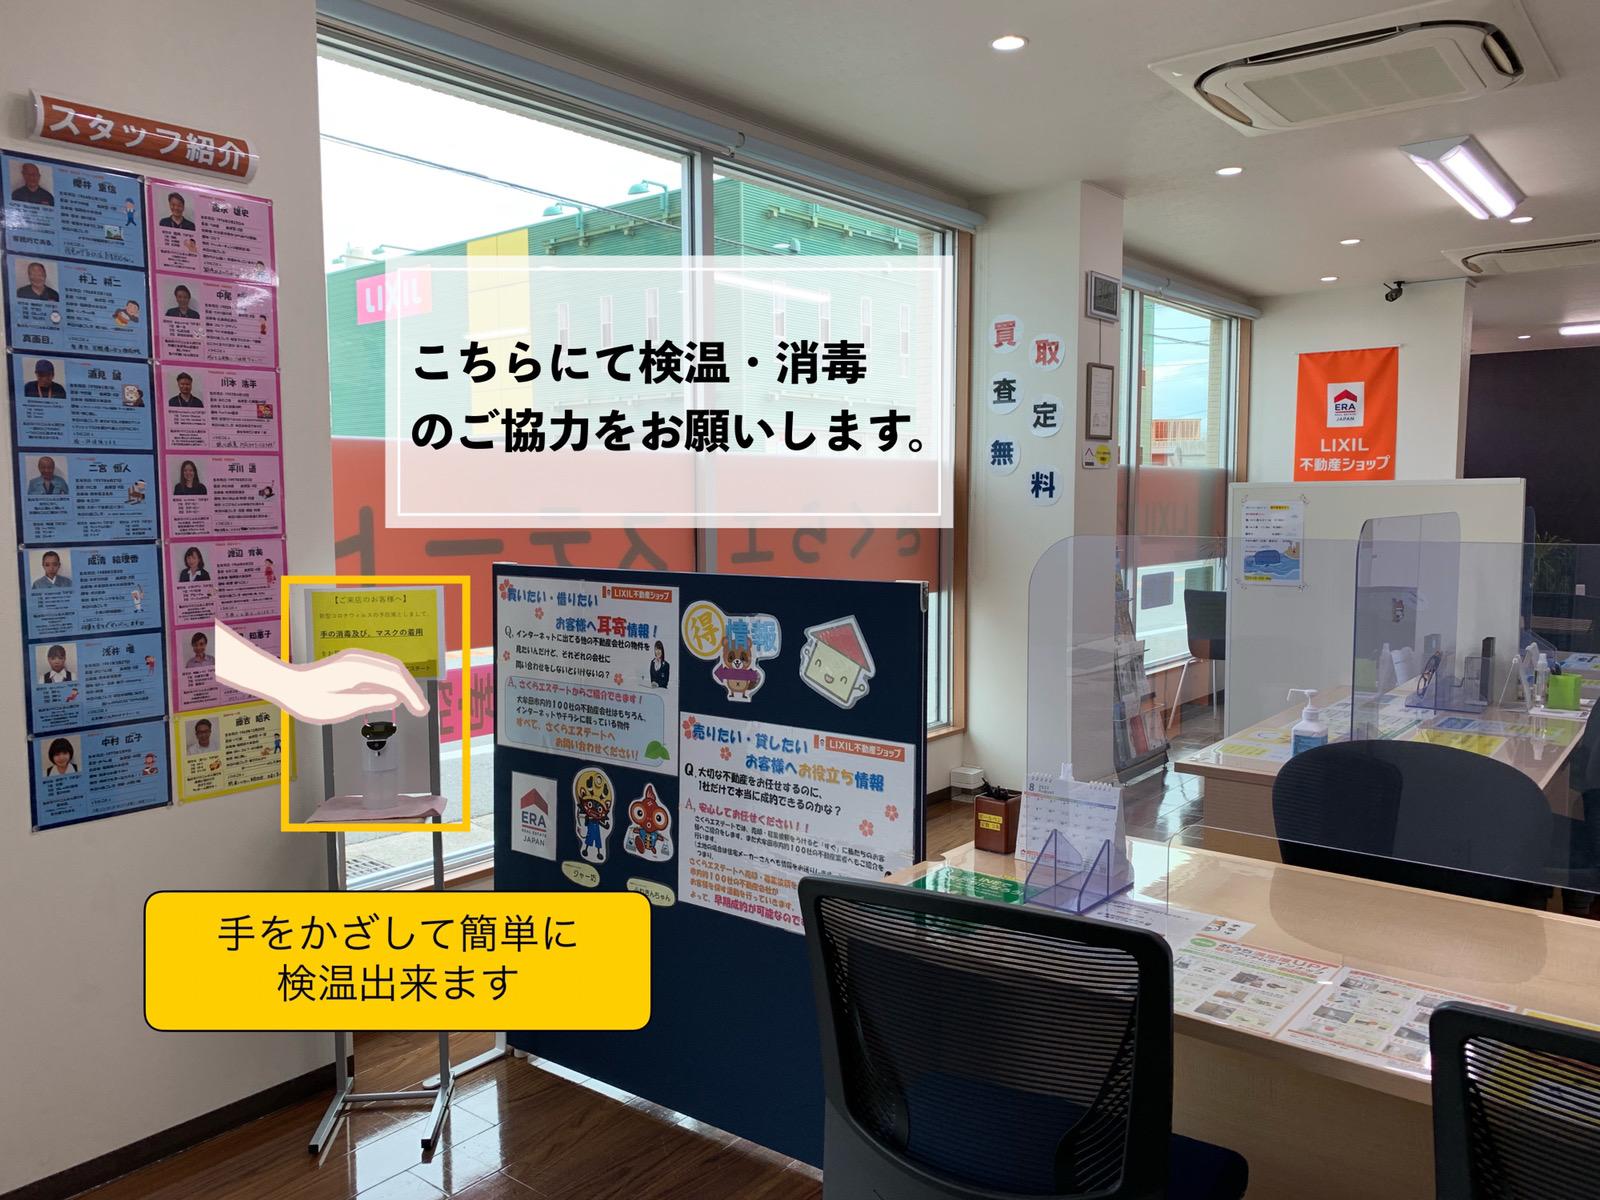 コロナ感染予防対策実施中です! 福岡トーヨー 大牟田店のイベントキャンペーン メイン写真